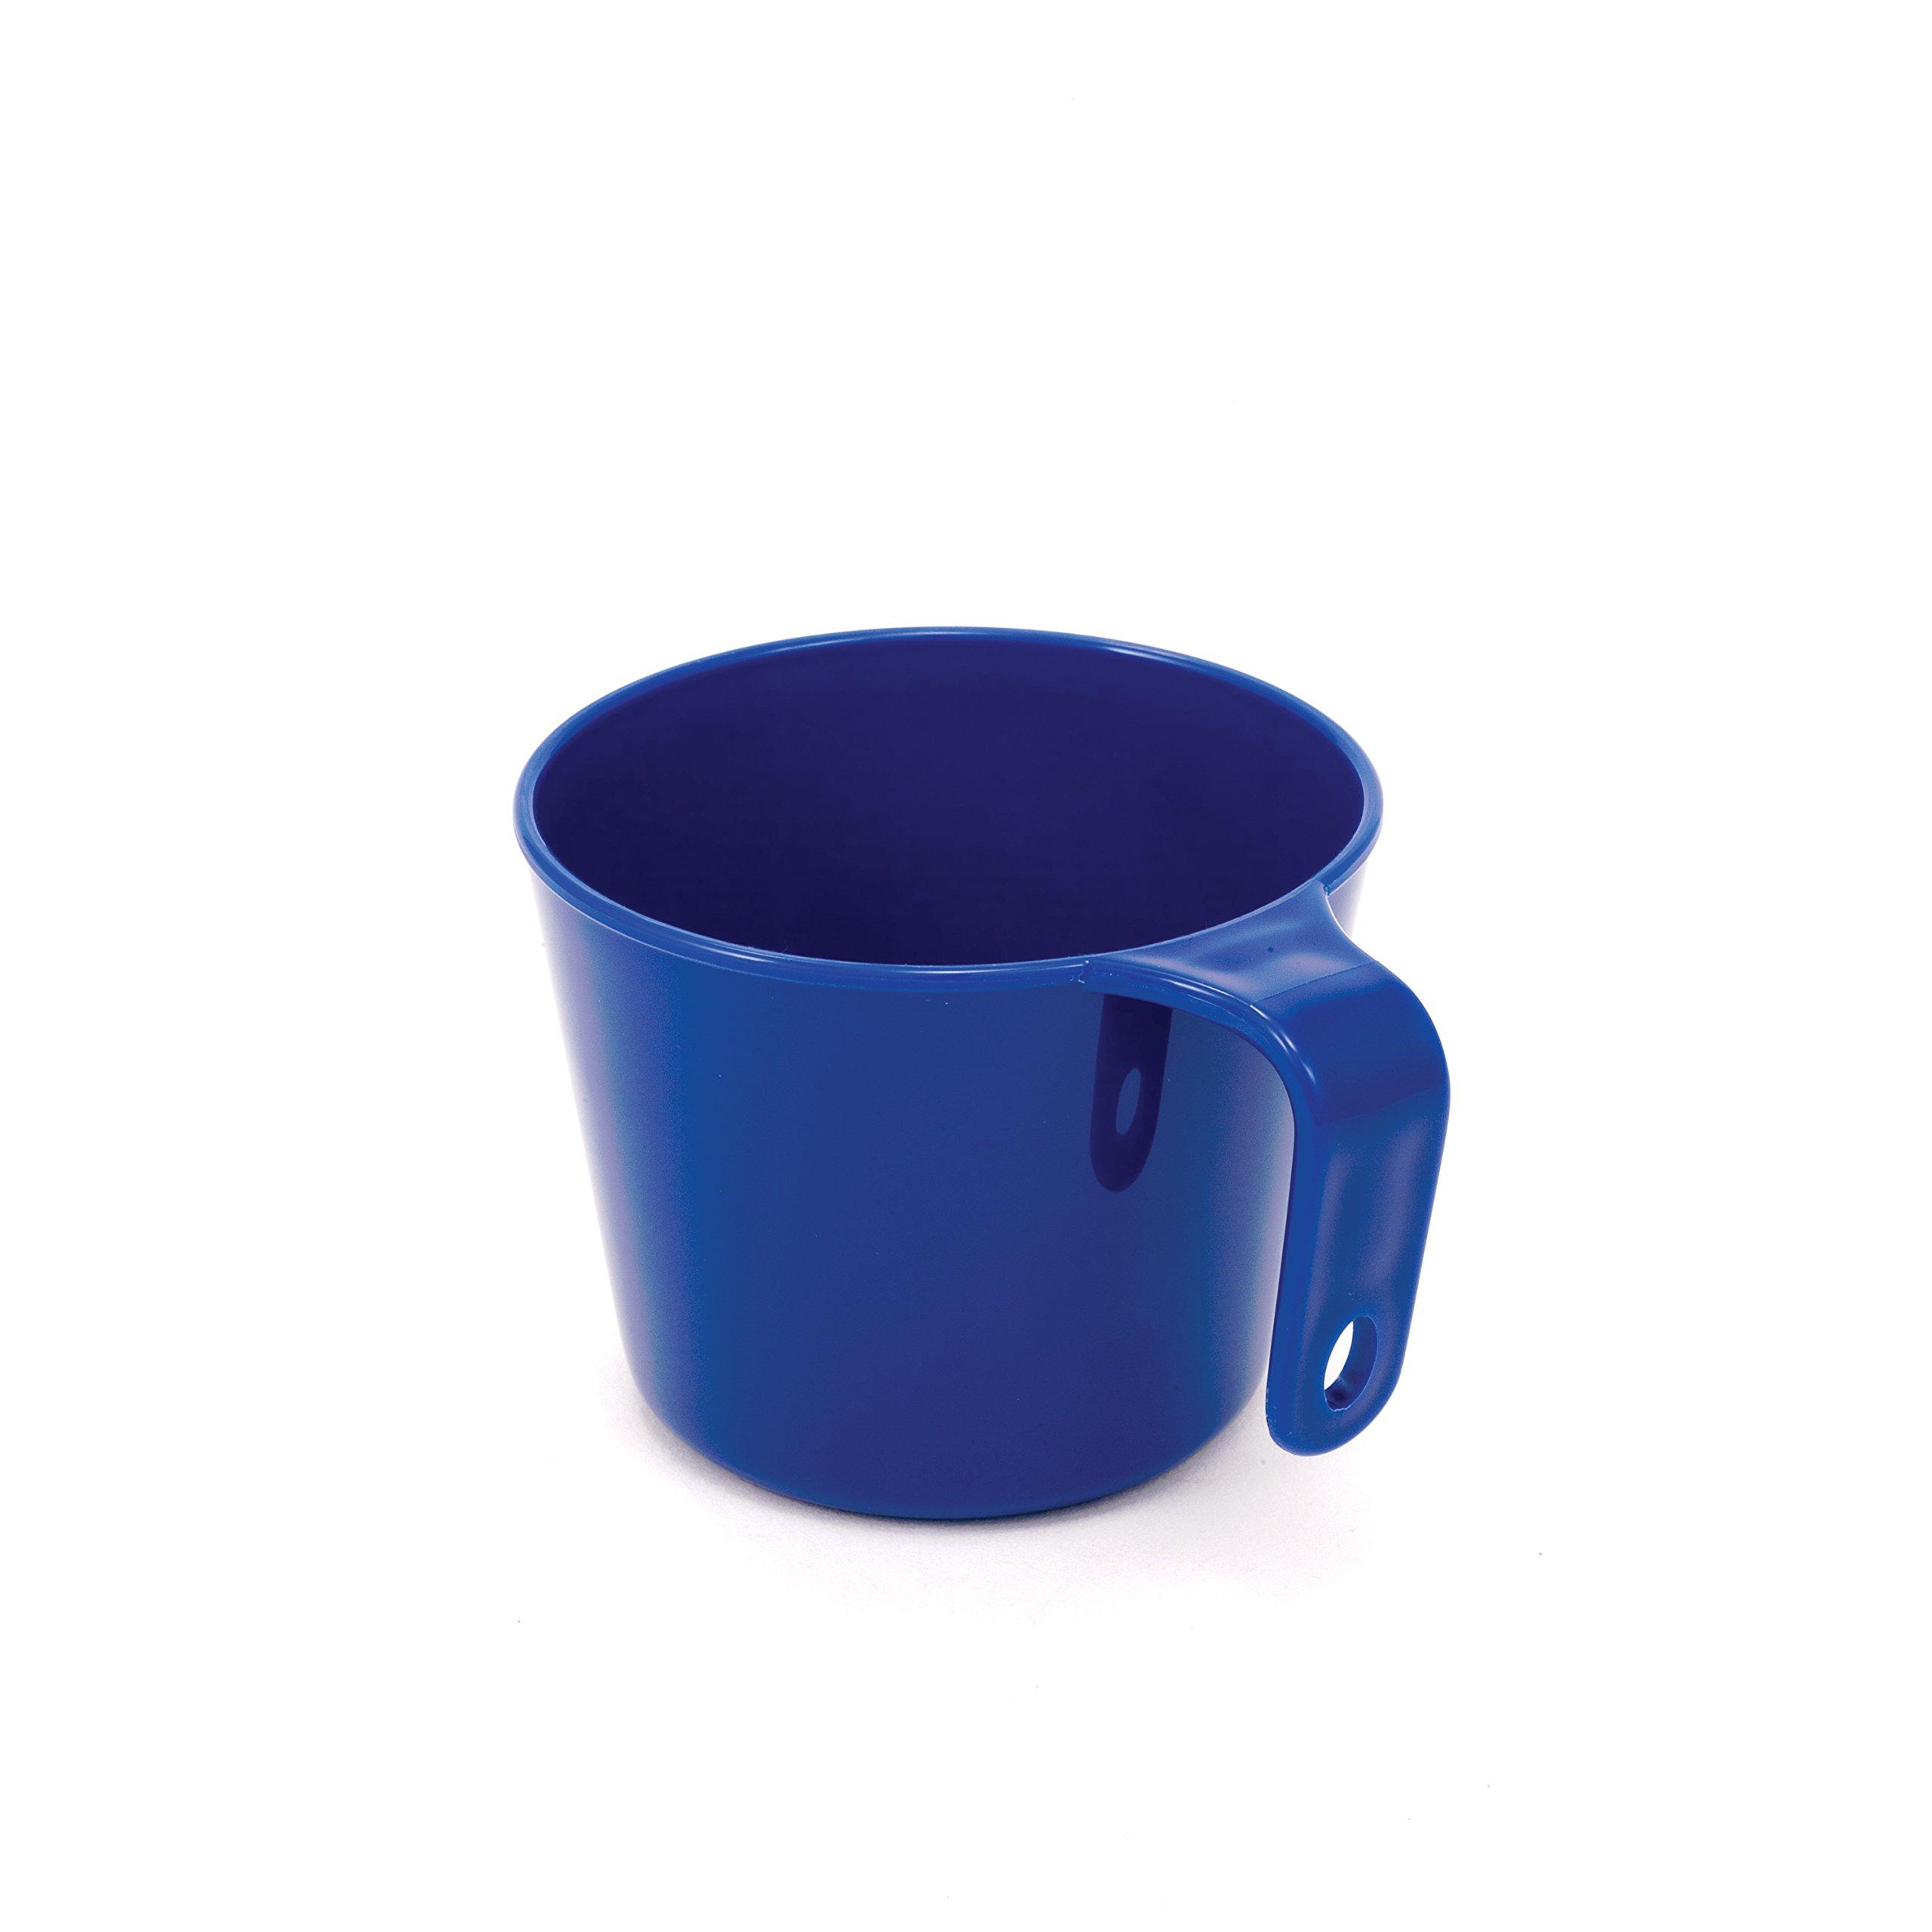 Chinook Acadia Mug